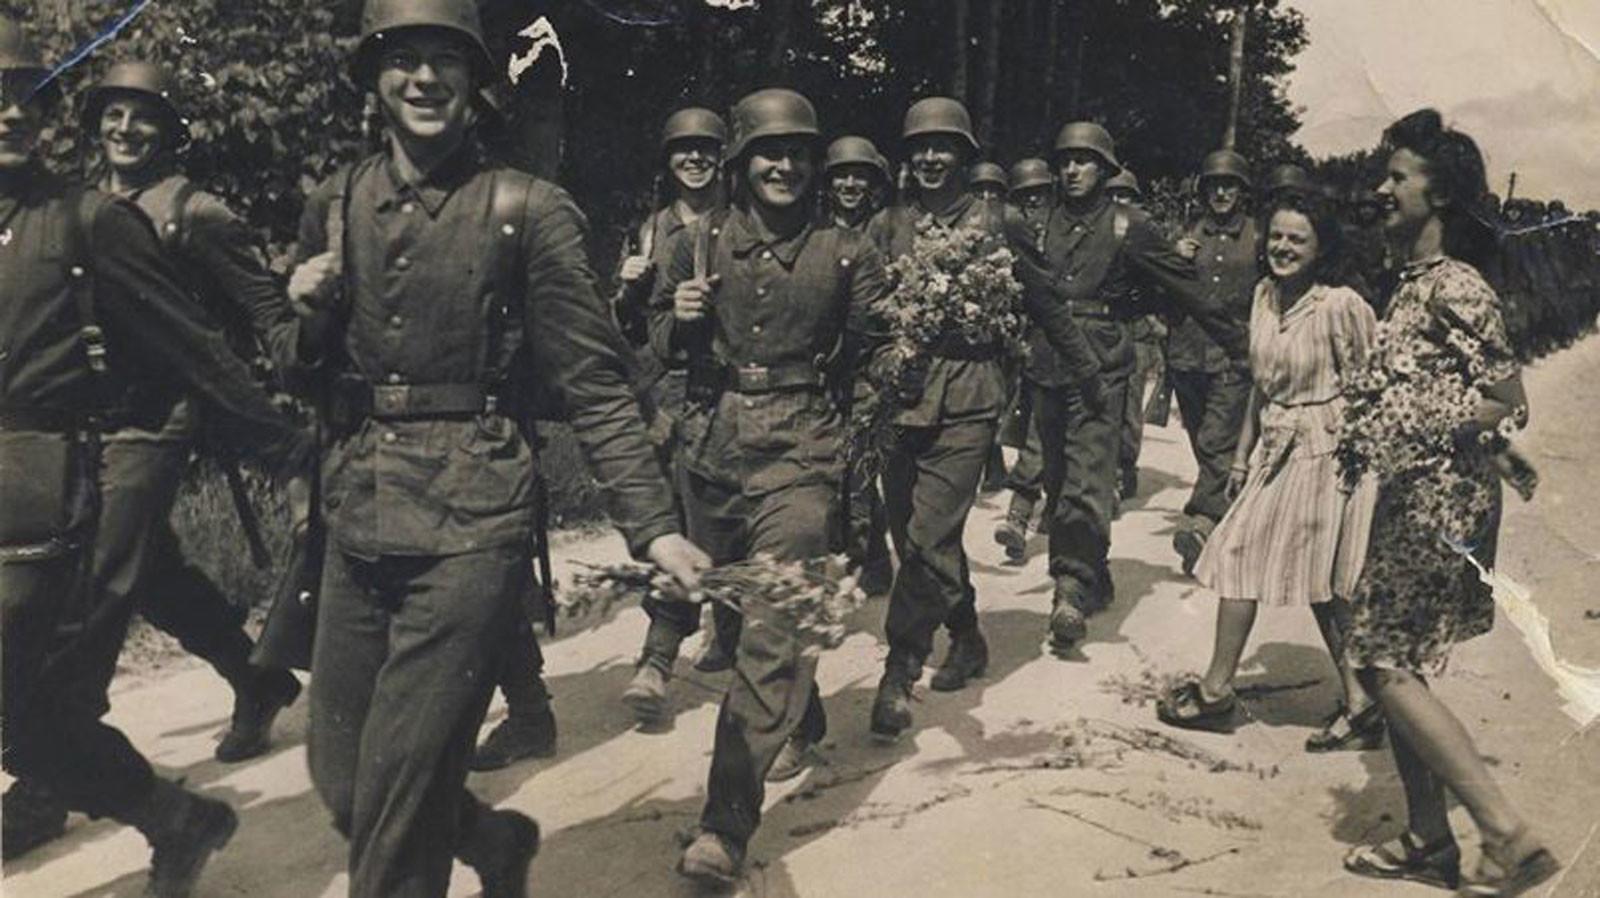 Участники Латышского легиона ваффен-СС идут воевать Фото © rubaltic.ru